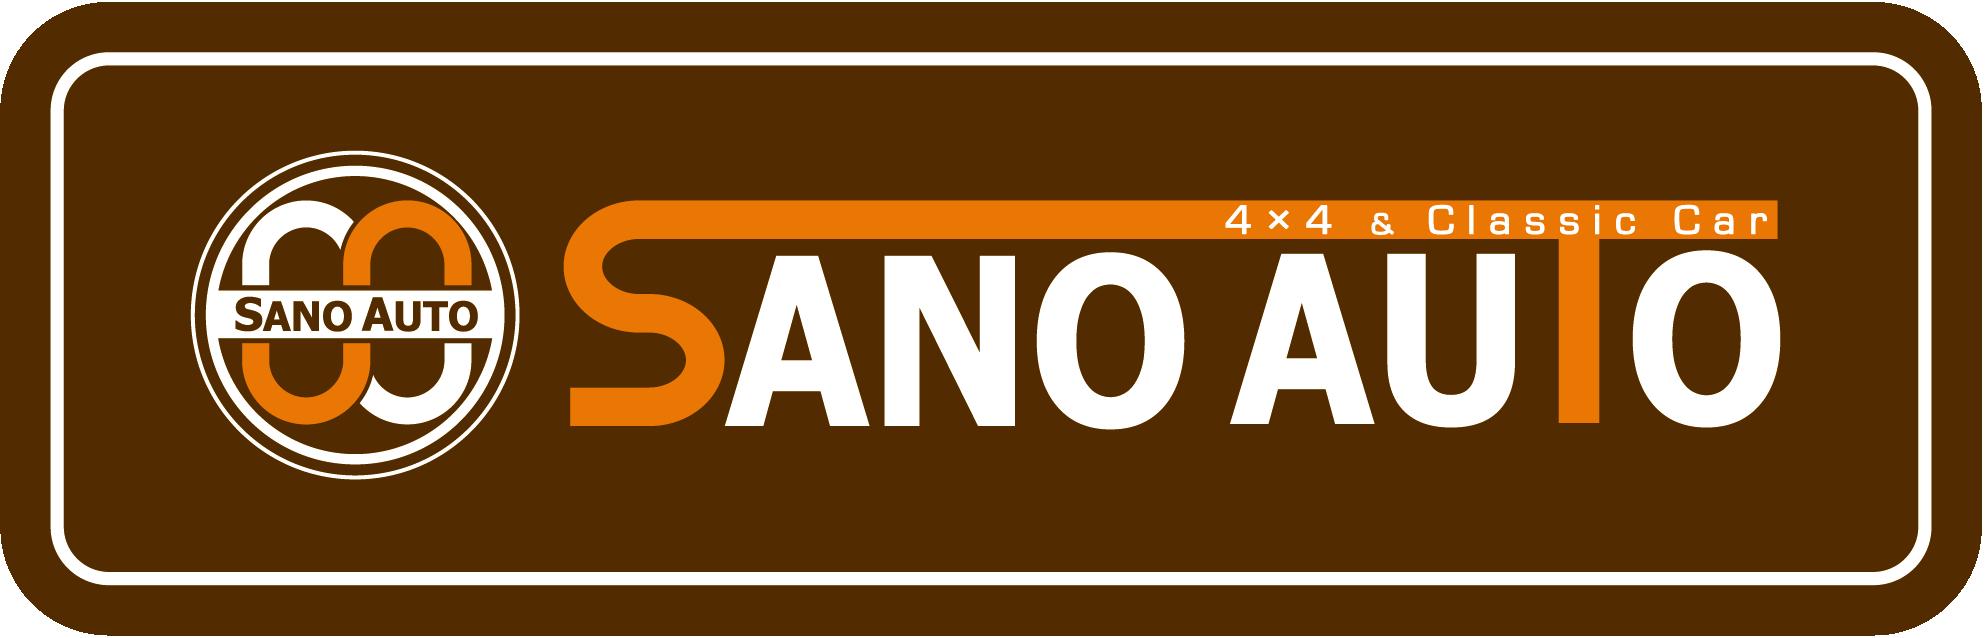 自動車関連(販売/修理・整備)と親しみ/優しいと茶のロゴ